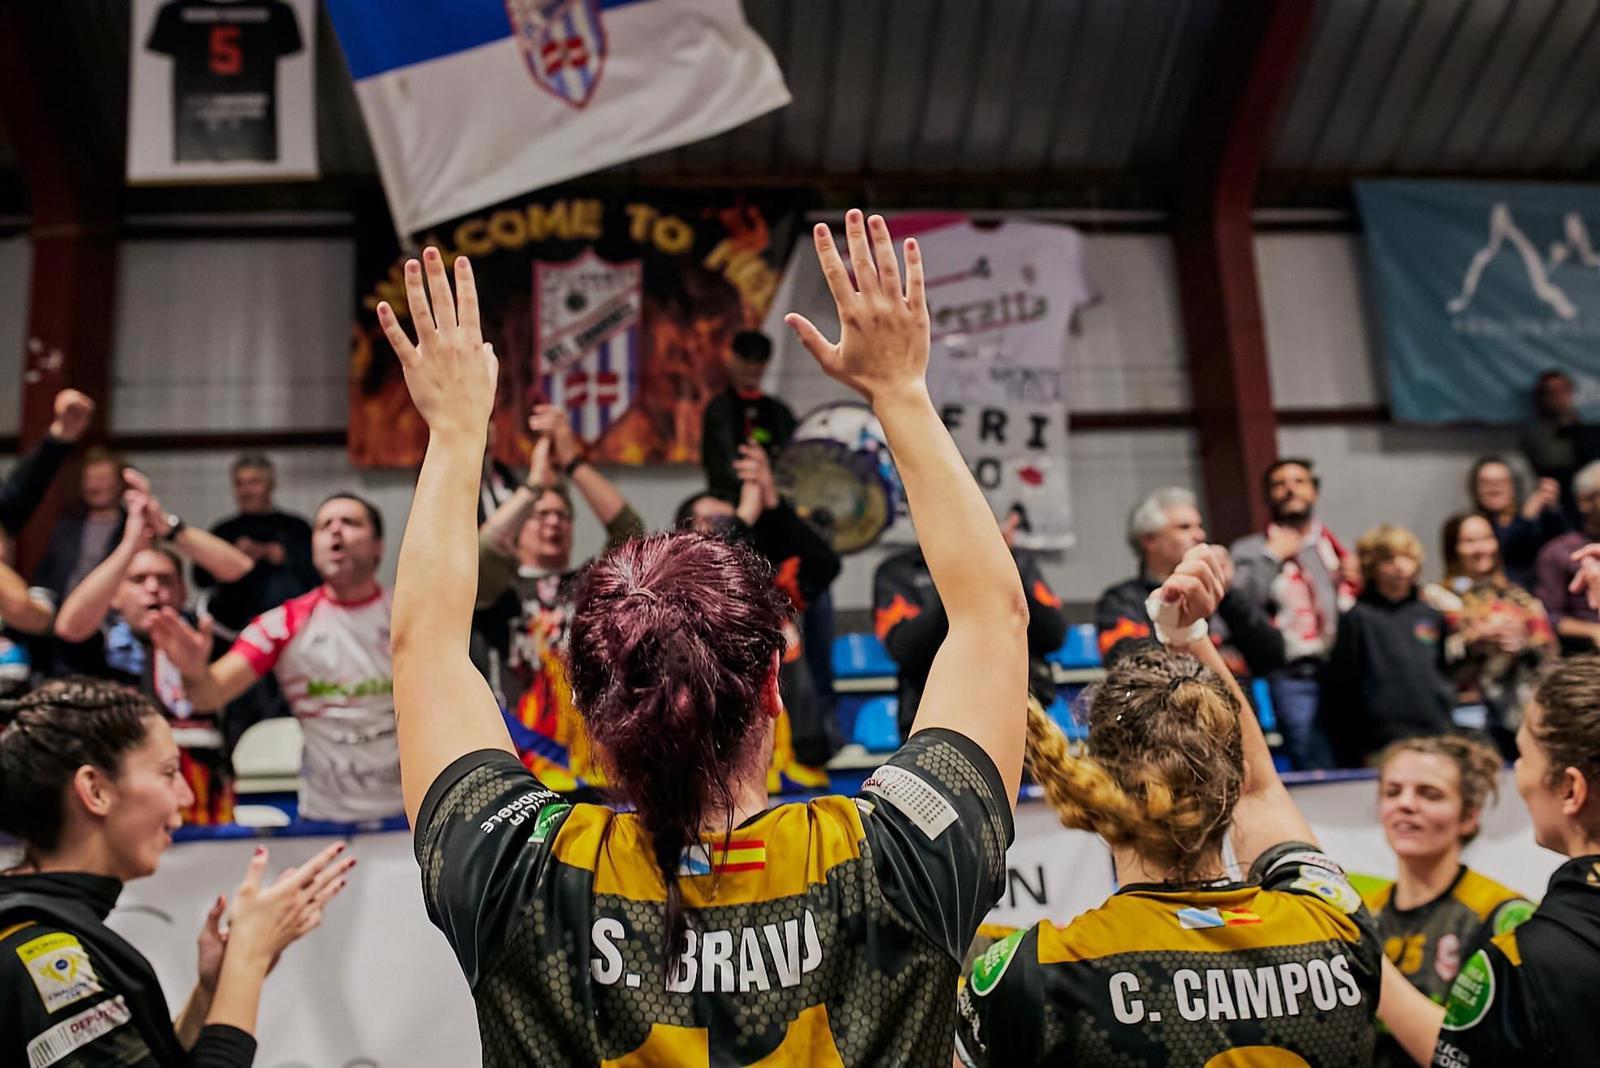 Sara Bravo, na súa etapa no Atlético Guardés - MAG (2)